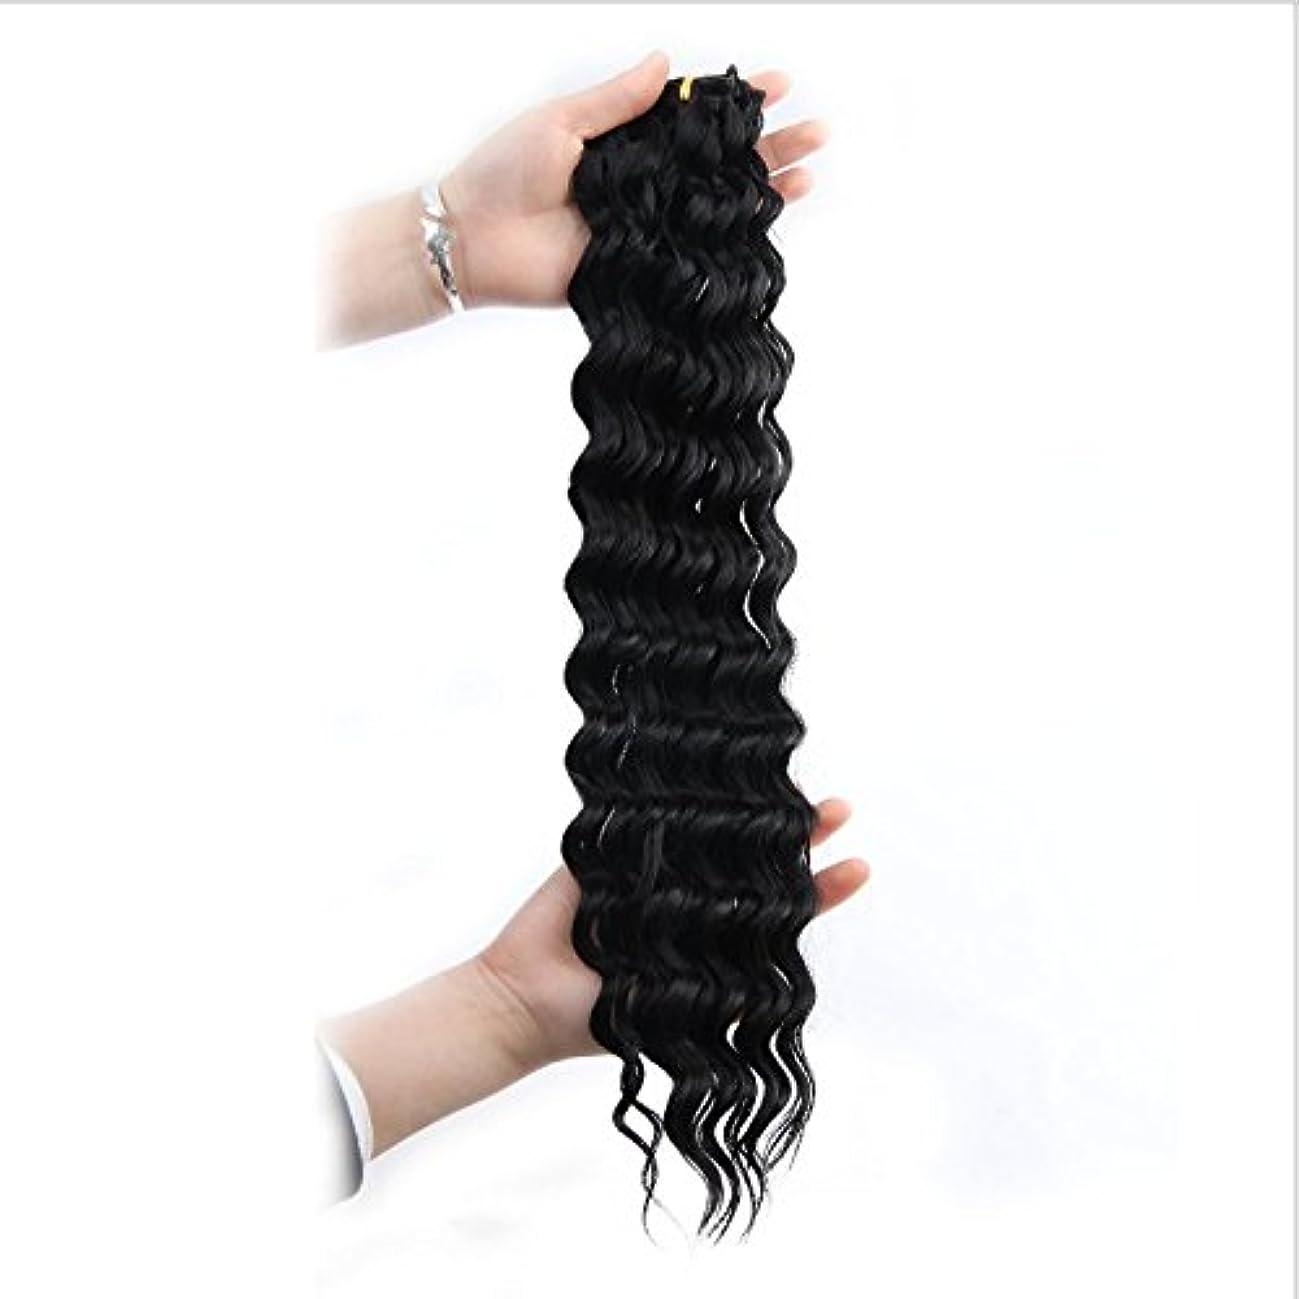 よく話されるしばしば非公式Doyvanntgo ブラジルの女性のための高温マットワイヤカーリーウィッグヘアカーテン18inchロールヘアエクステンションに10インチの自然な黒のかつら70g / 100g (サイズ : 18inch(100g))